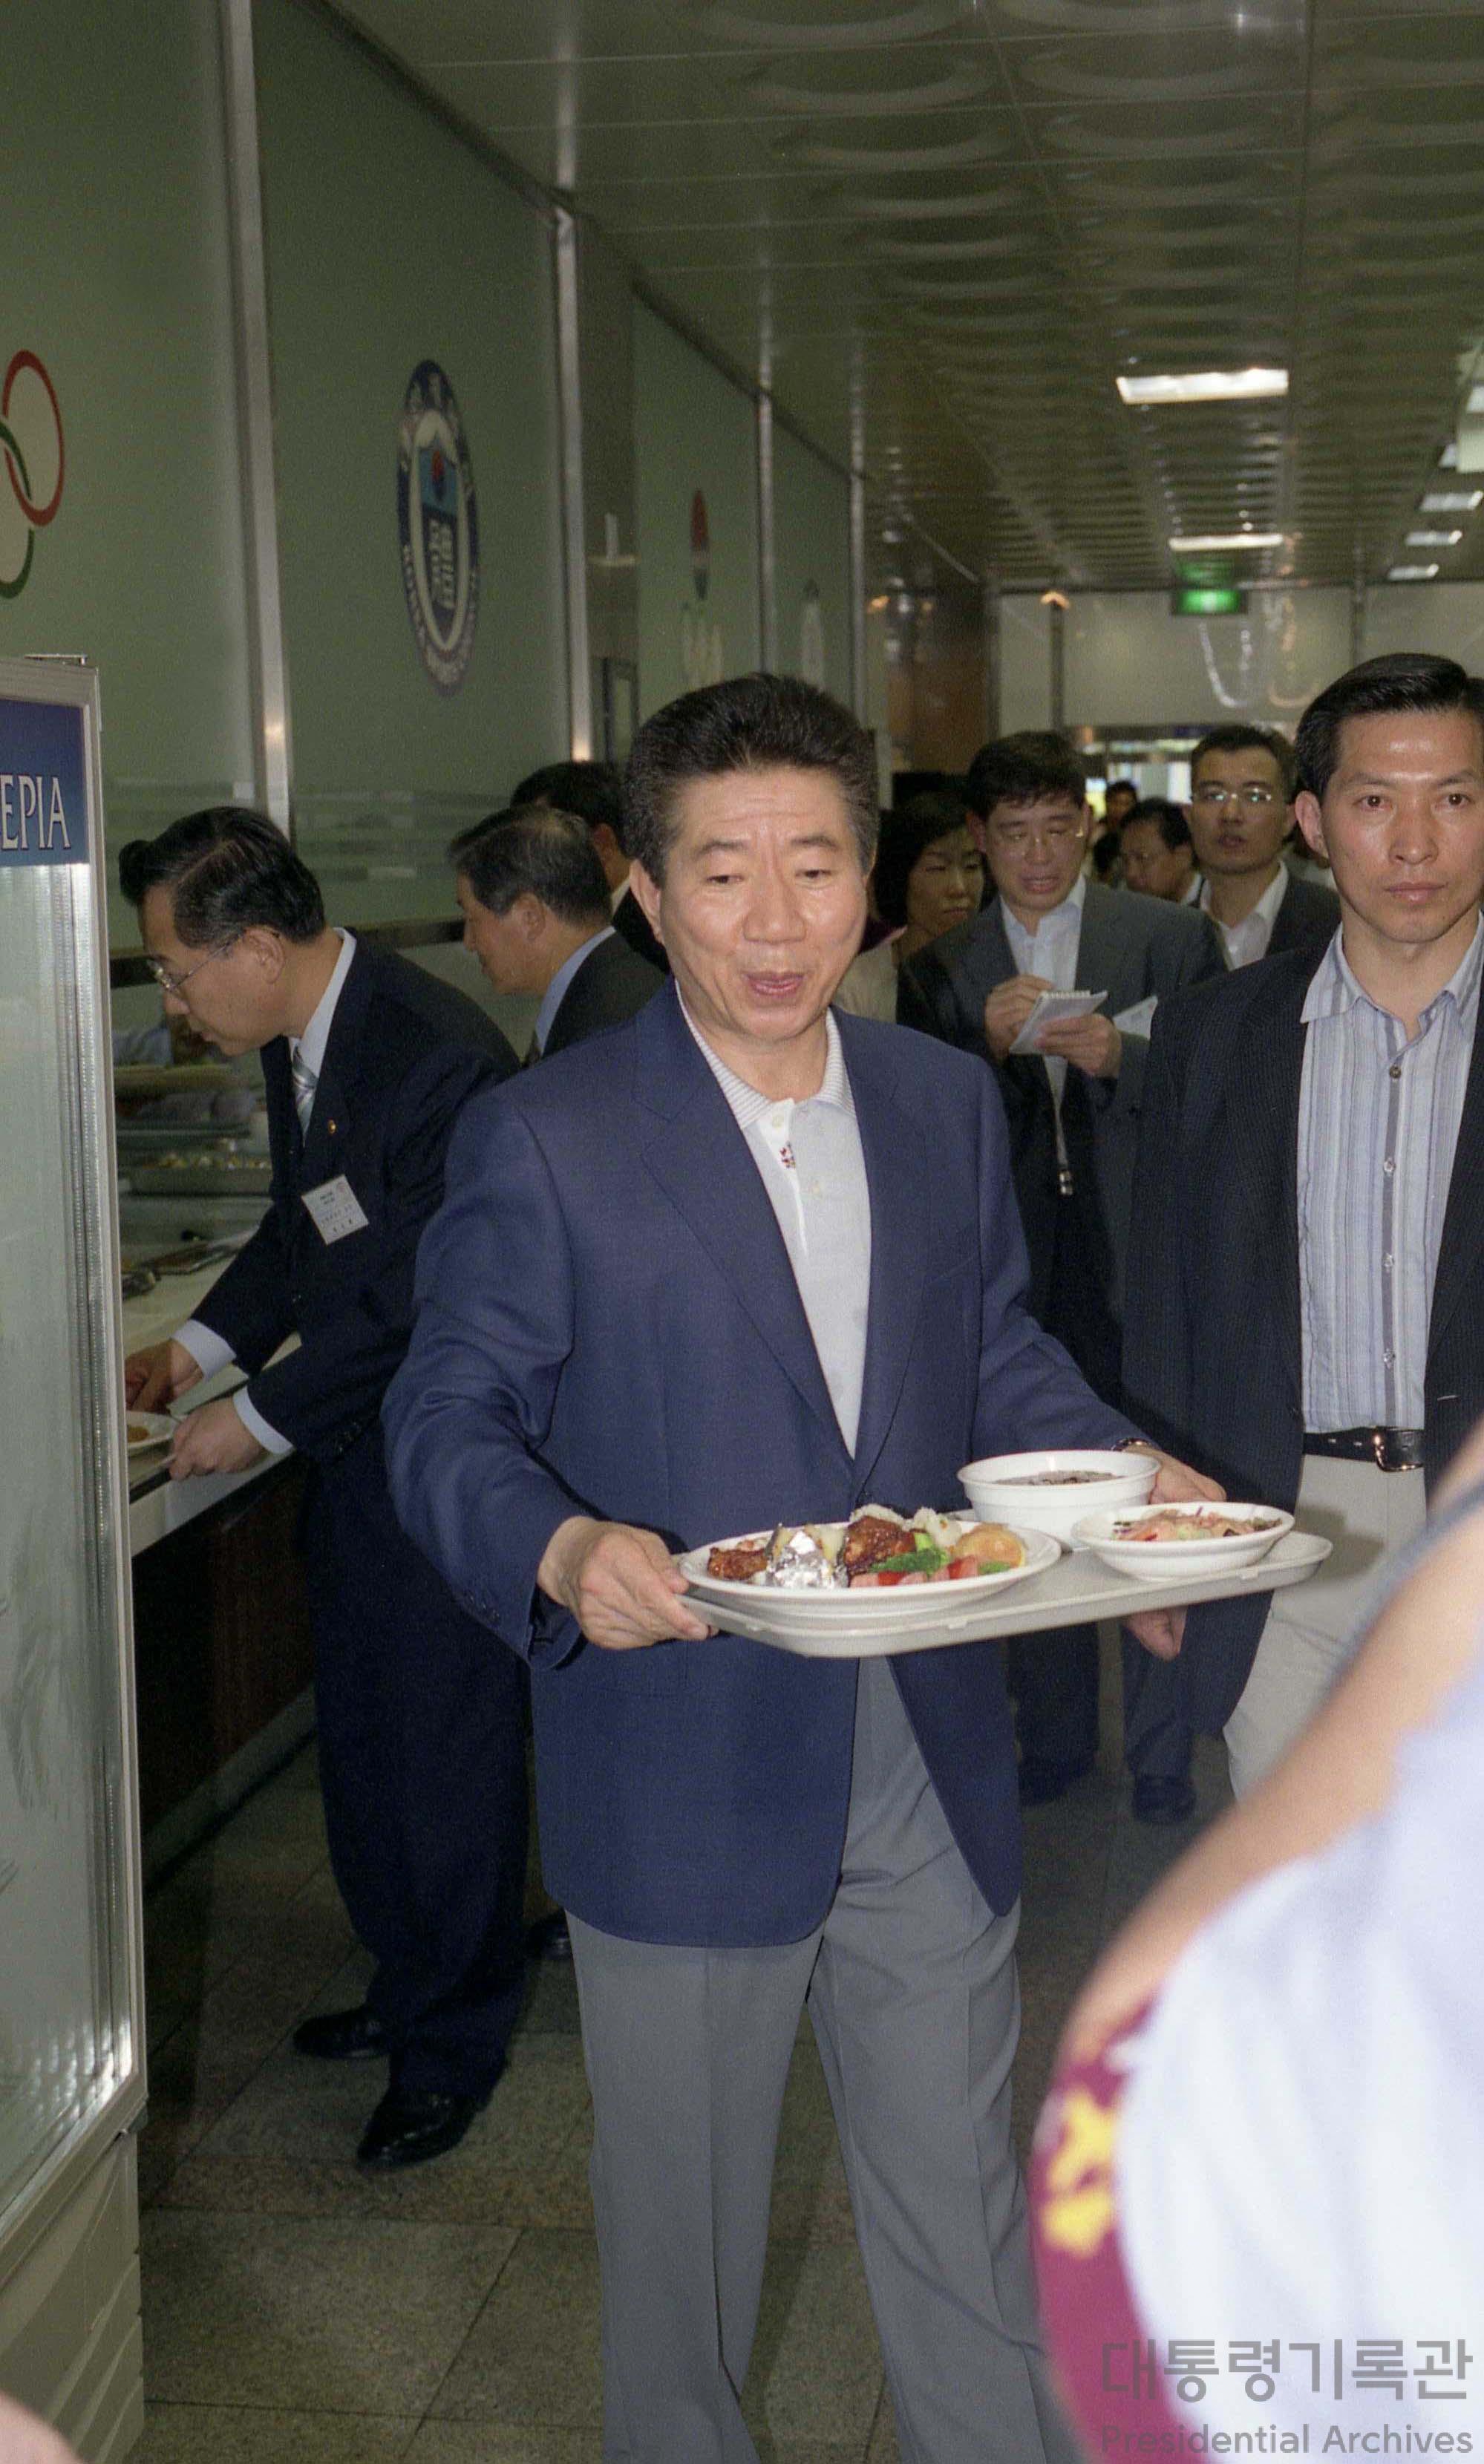 노무현 대통령 아테네올림픽 출전선수단과 식사3